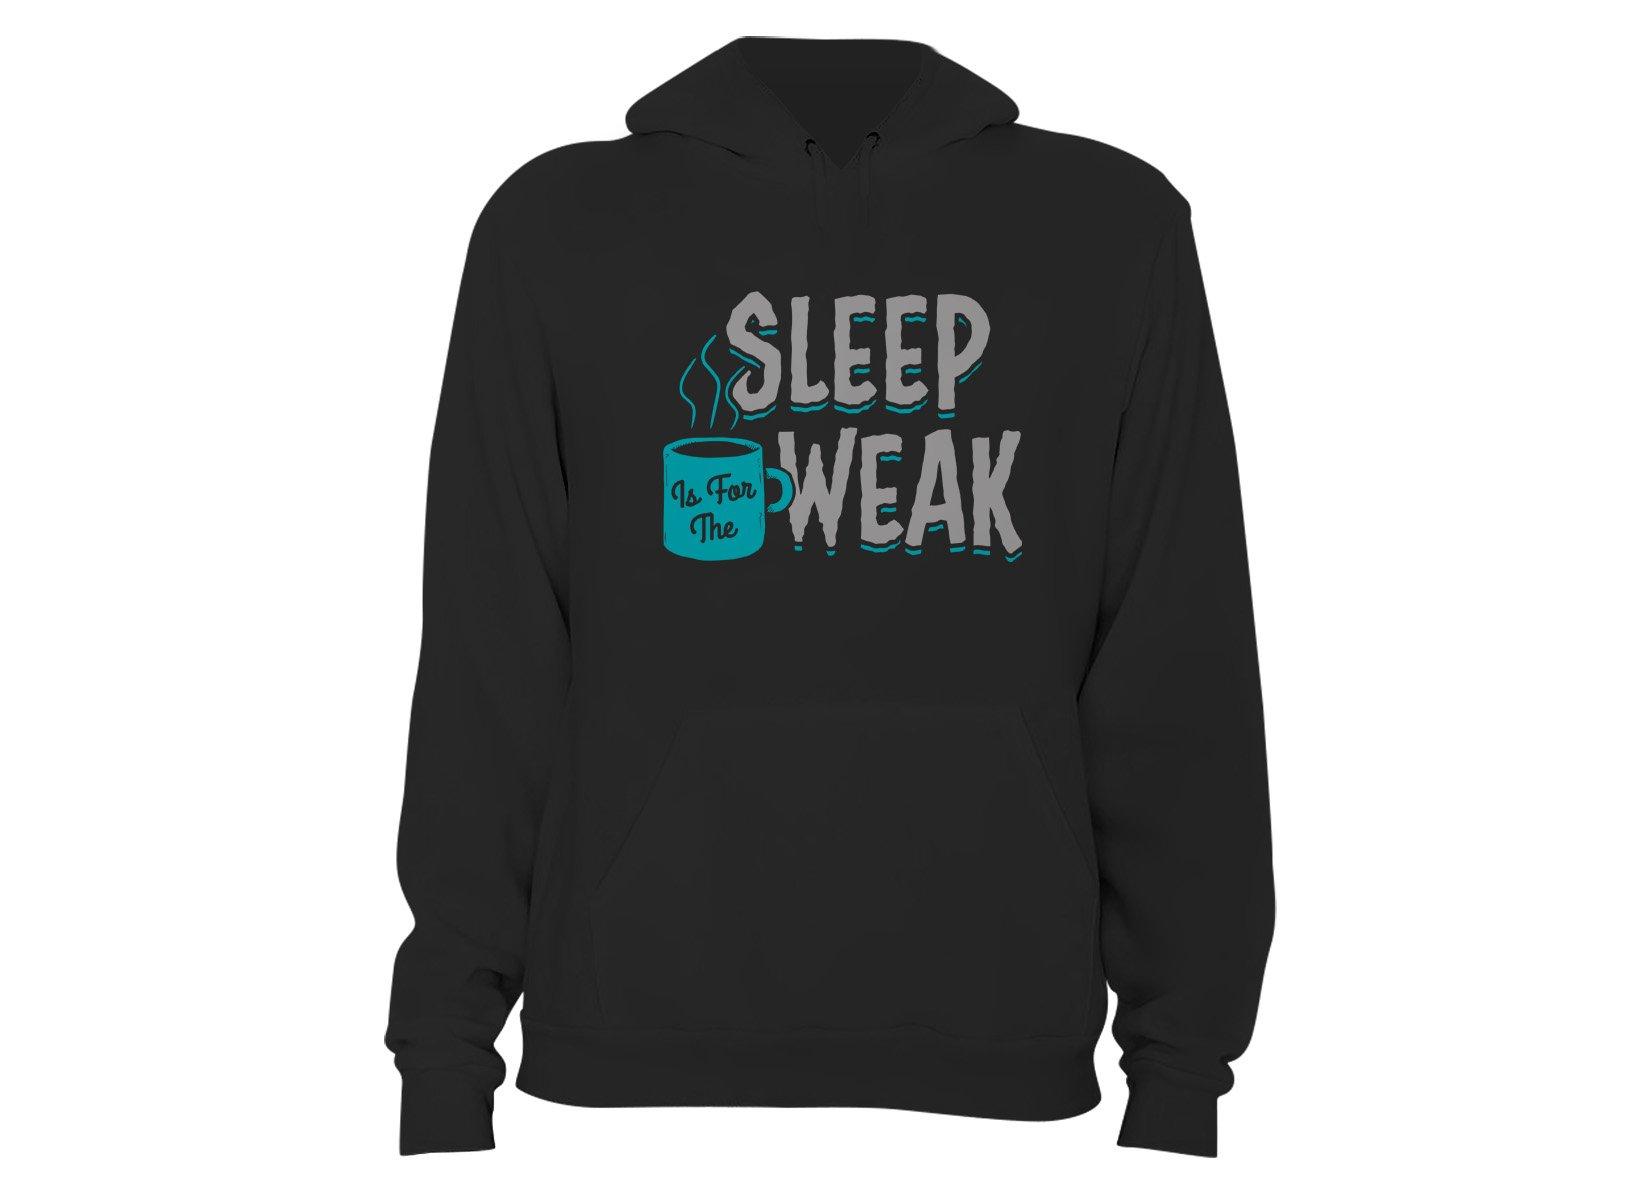 Sleep Is For The Weak on Hoodie